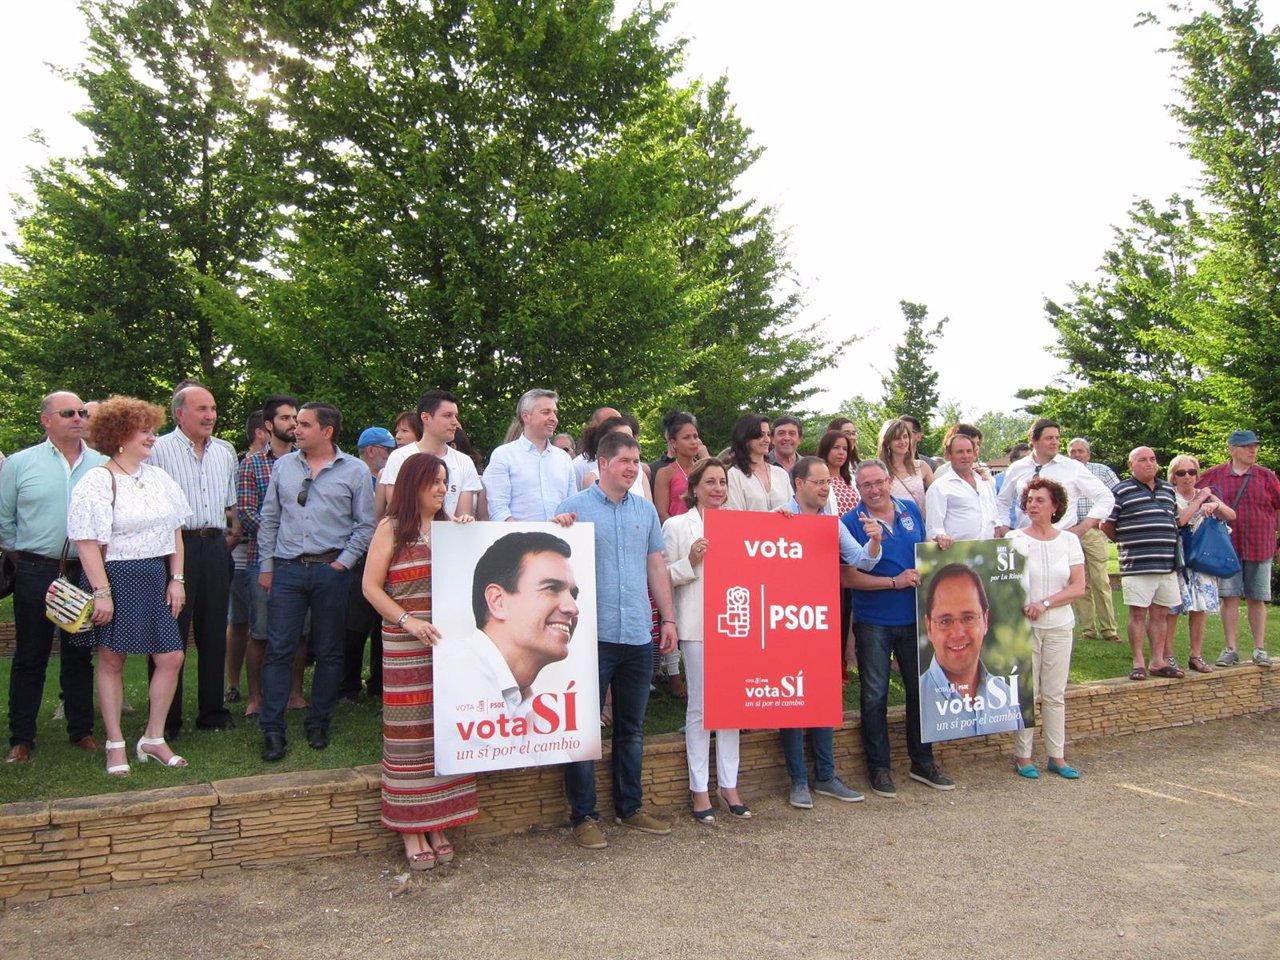 Luena con candidatos del PSOE inicia la campaña de junio